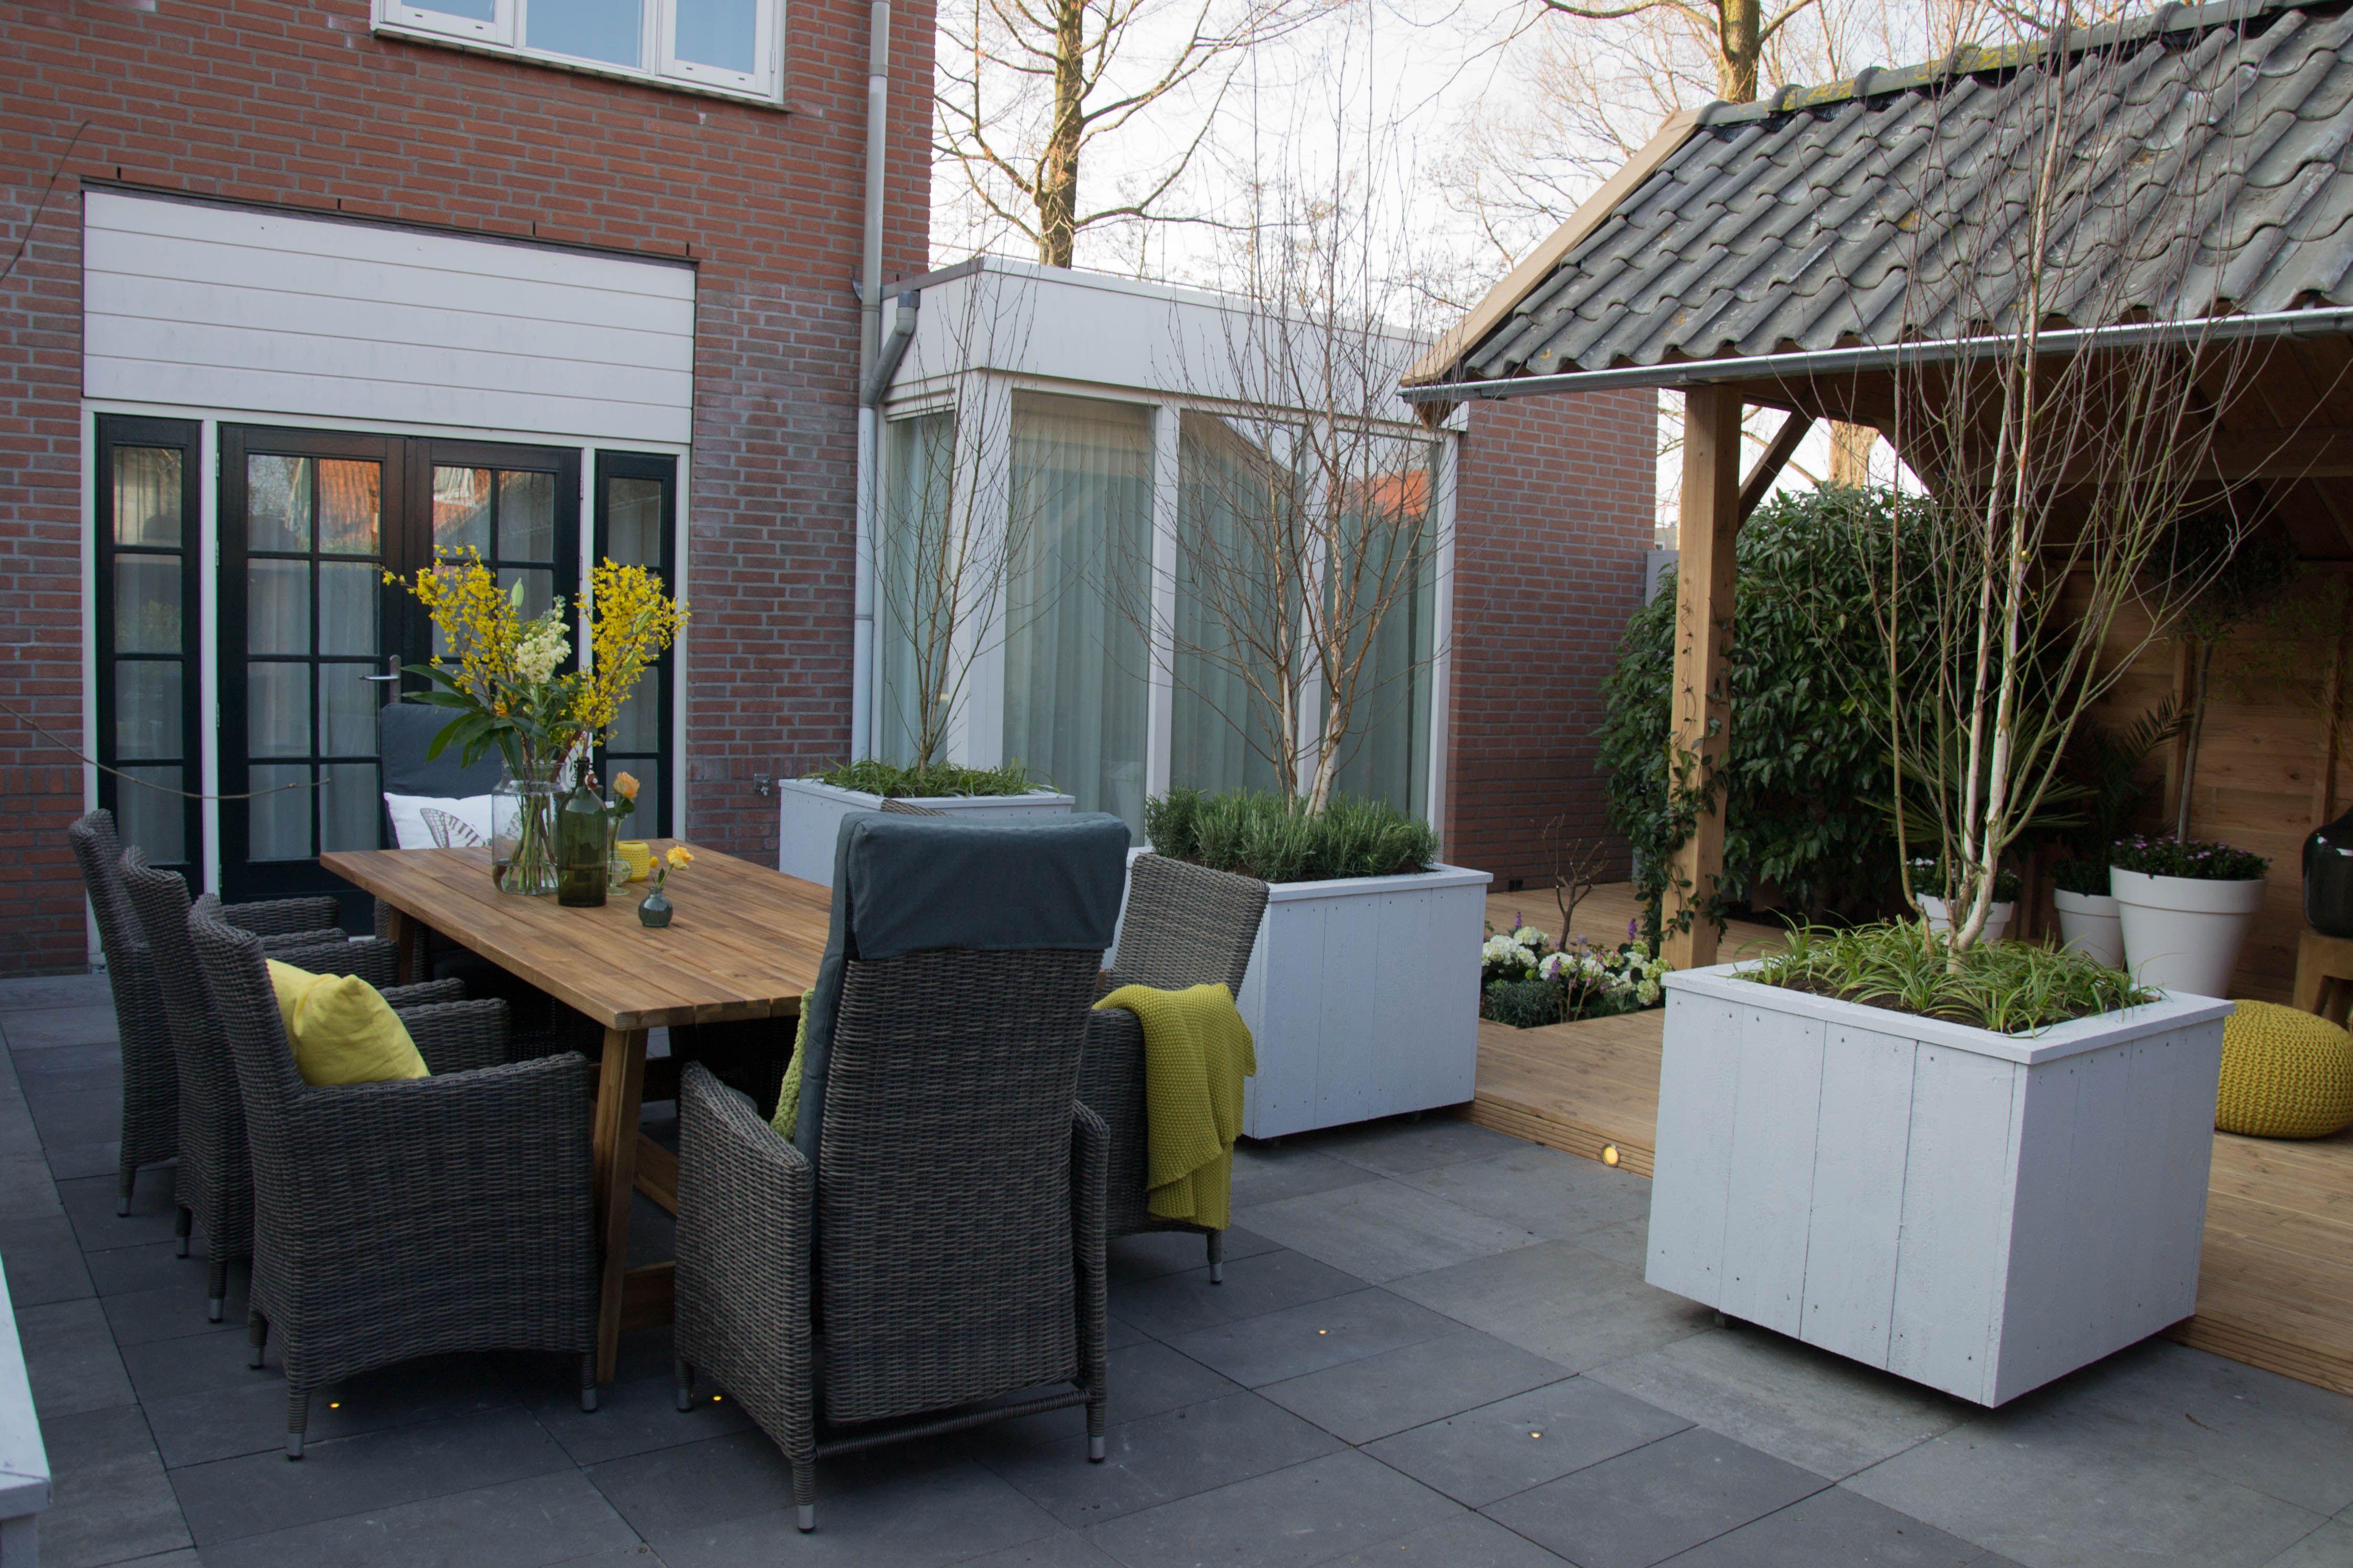 Eigen huis en tuin praxis sierbestrating geeft een for Tuin praxis